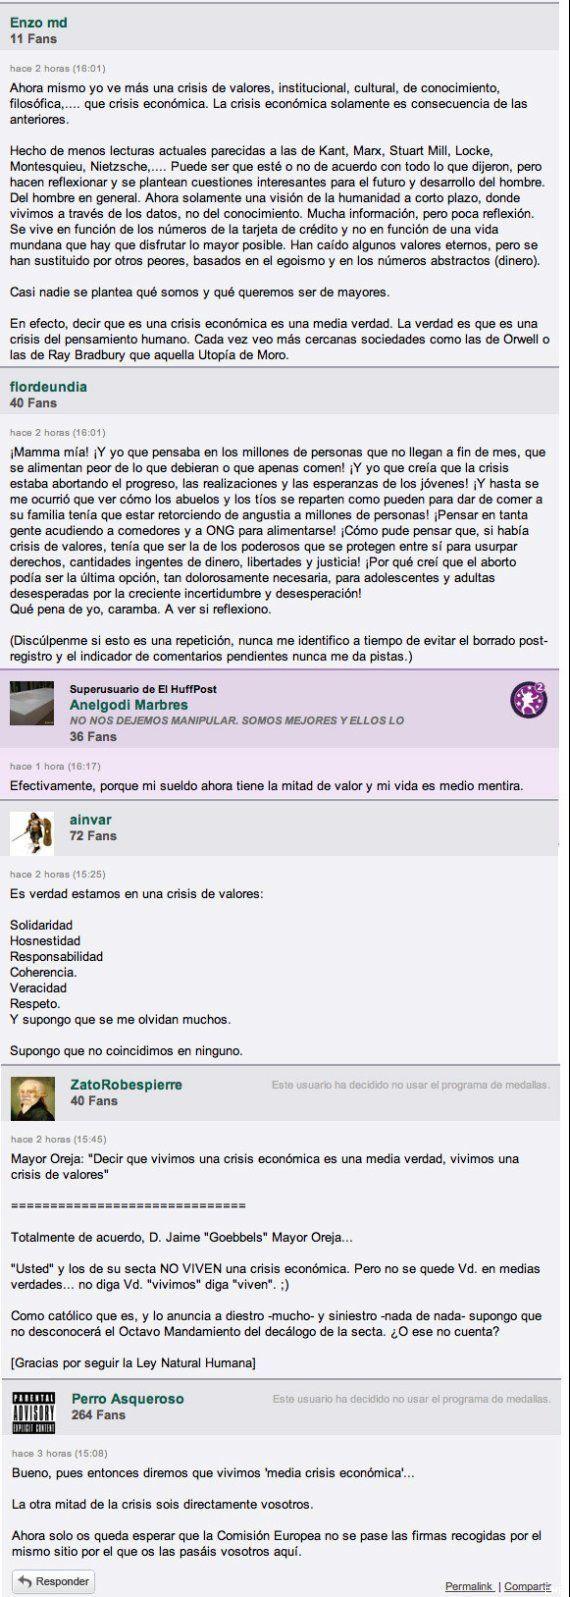 La Comunidad de ElHuffPost opina: los comentarios de la semana del 8 al 14 de